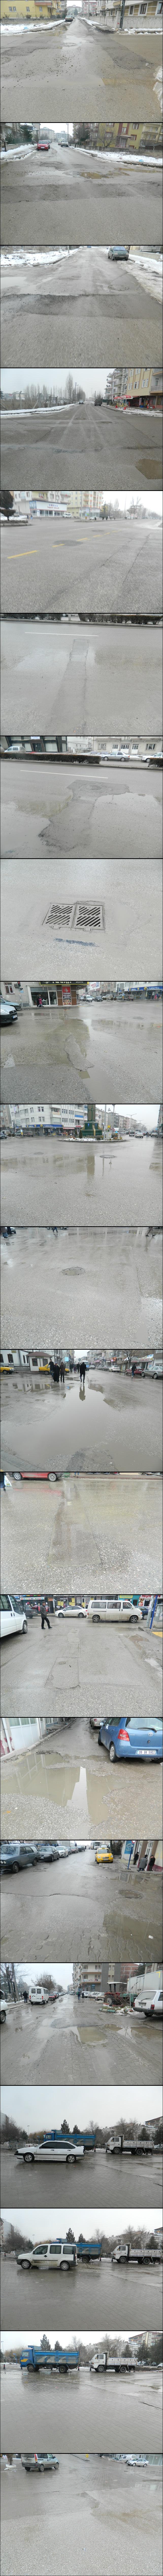 asfalt3-vert.jpg